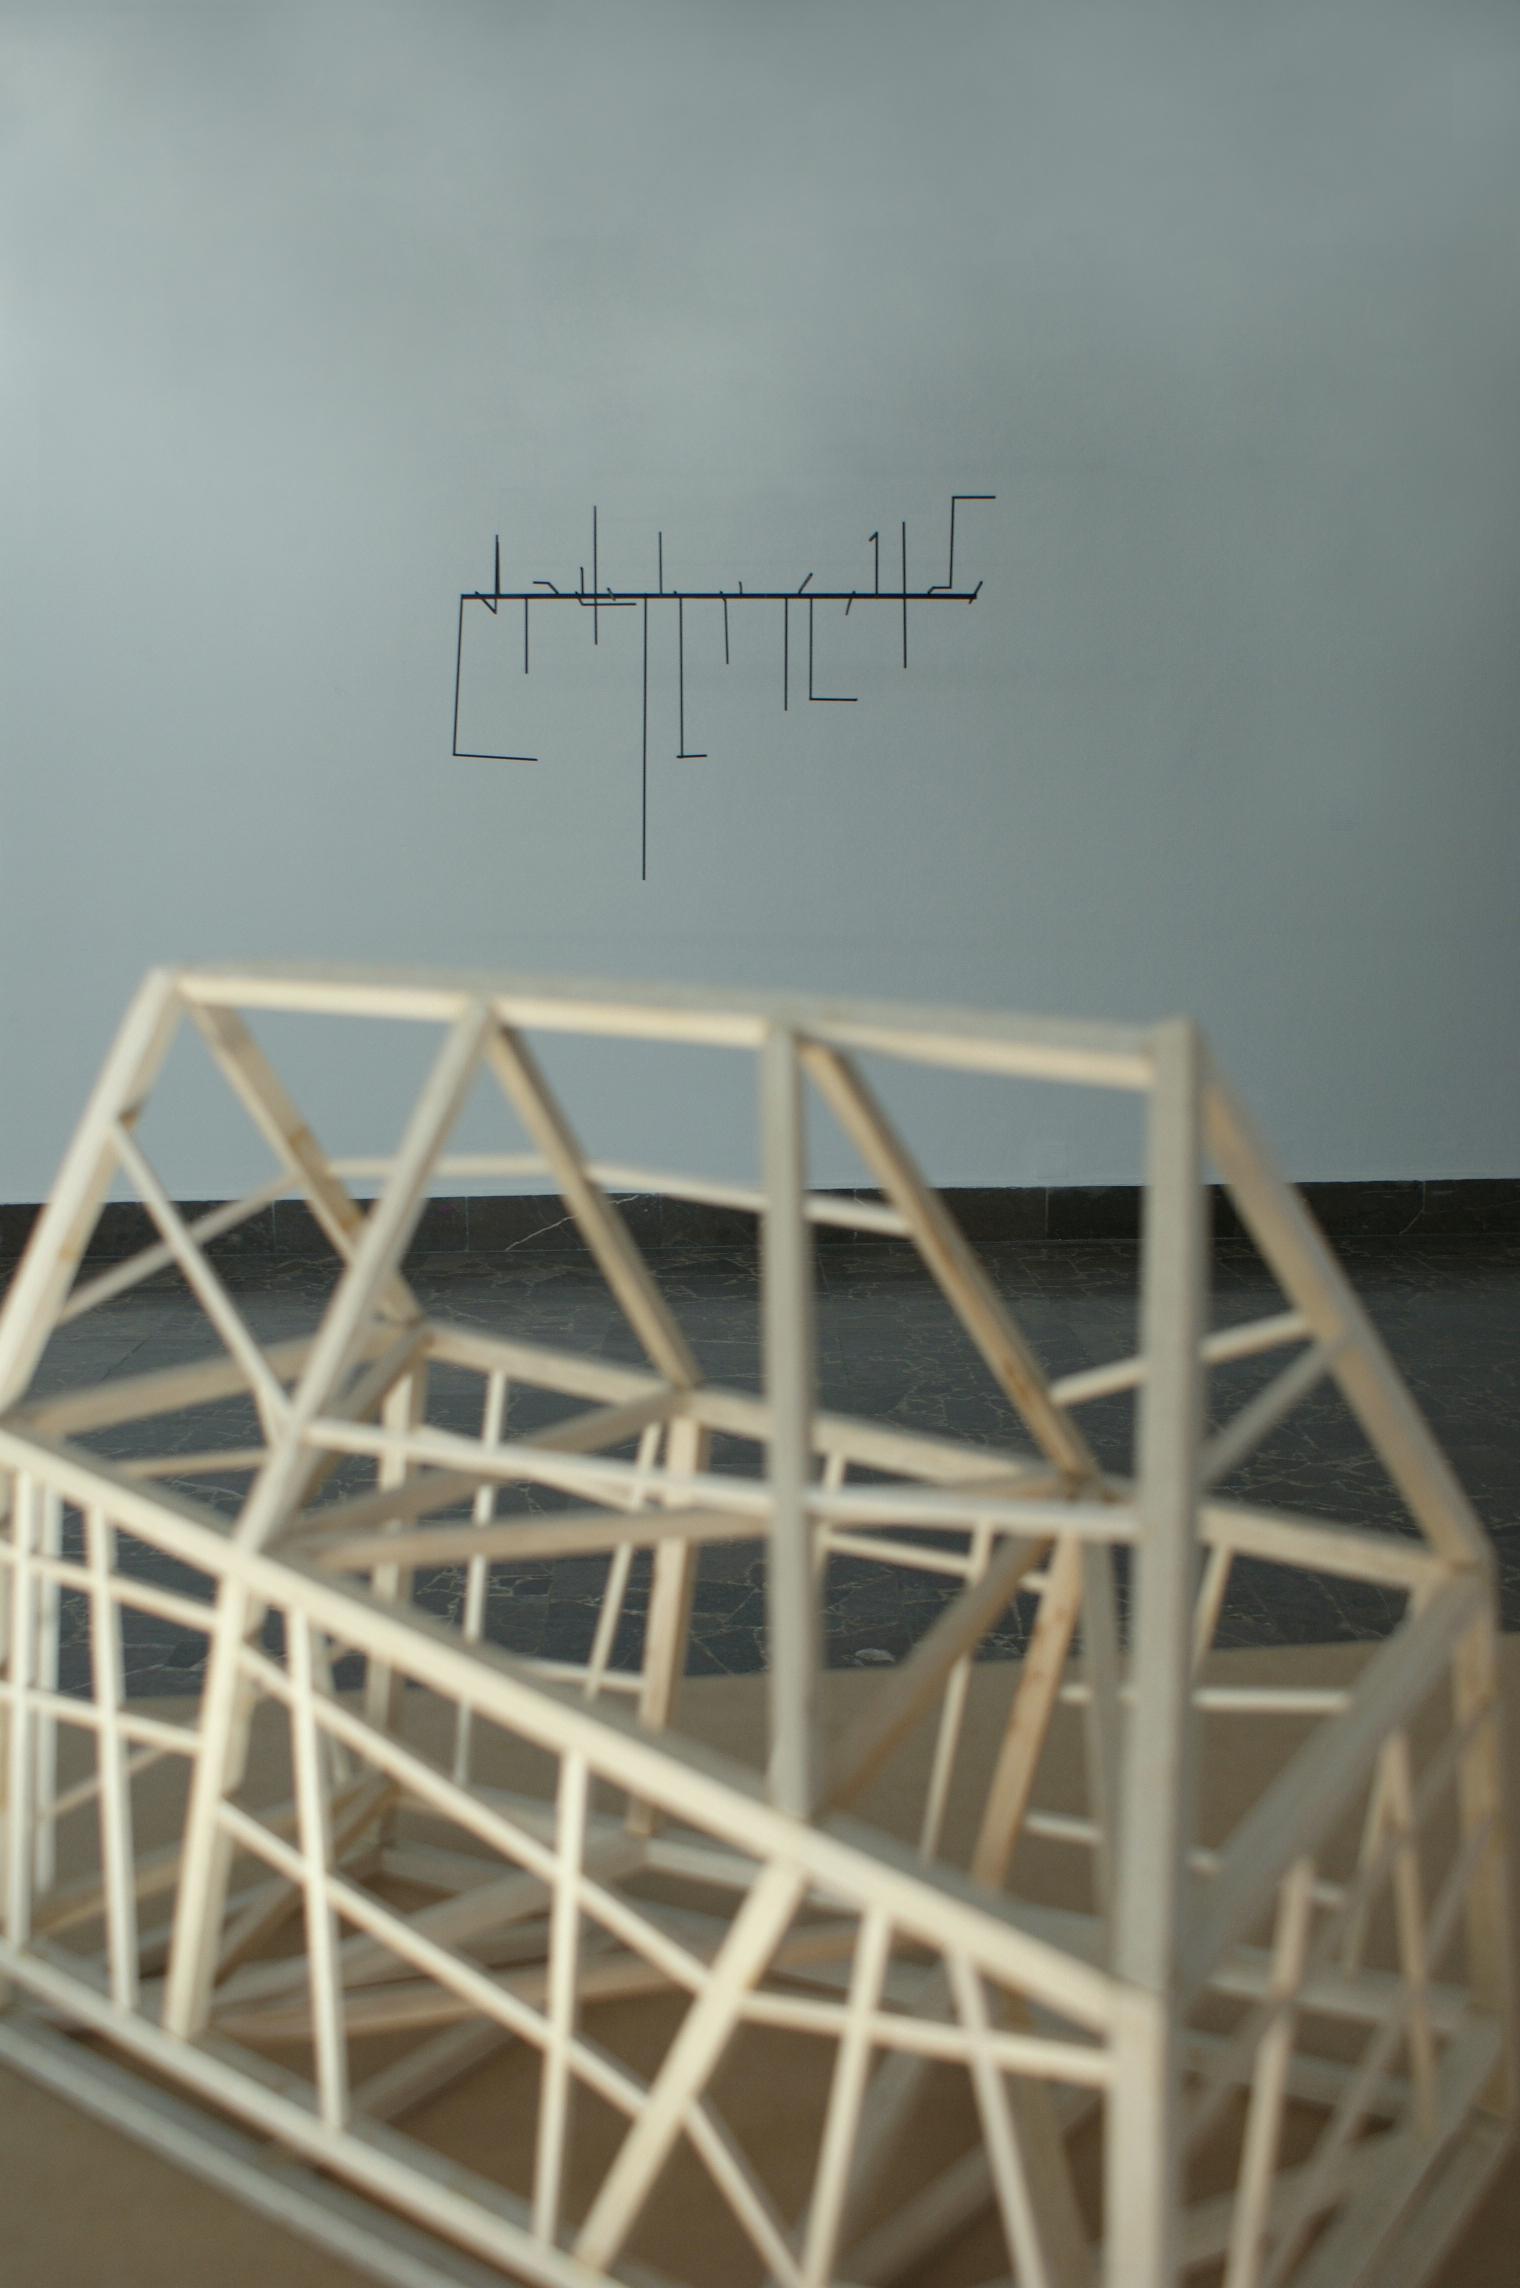 Janek Simon, Beztytułu(kalkulator), obiekt, 2006. Wtle Ja..Ty 2, obiekt, 2013